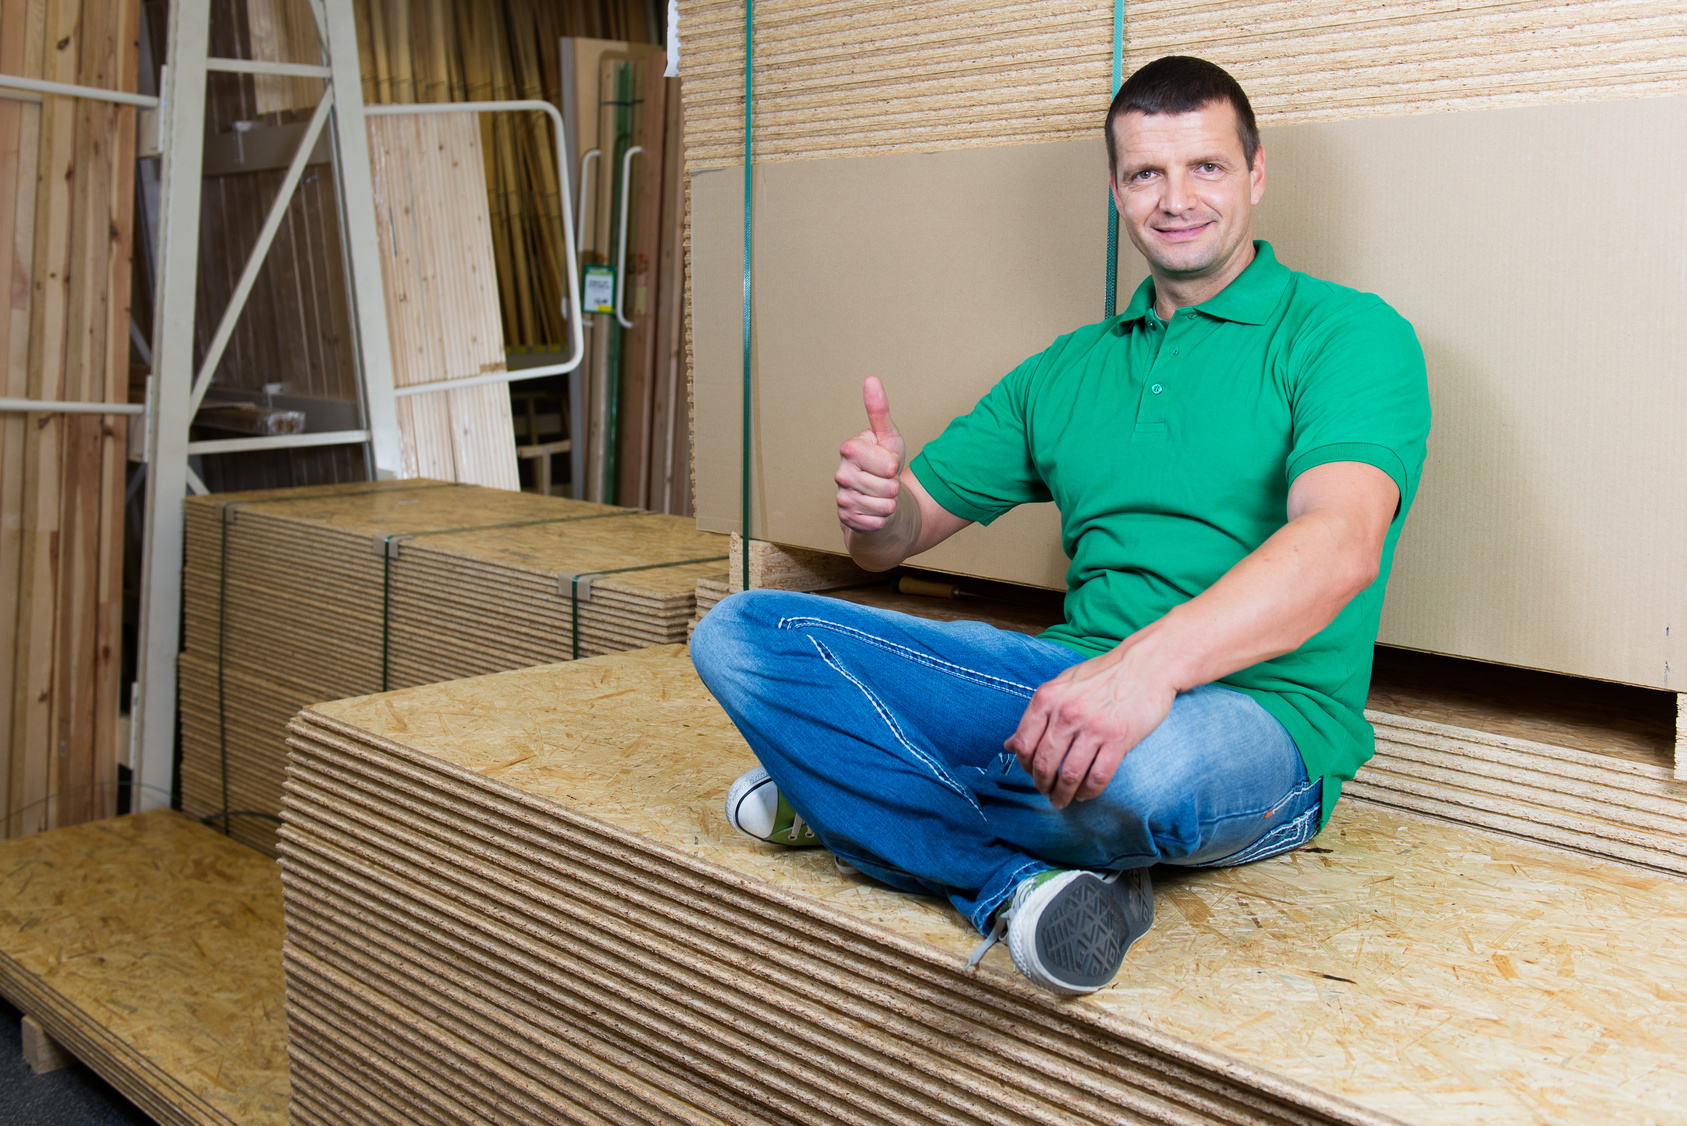 herzinfarkt oder bandscheibenvorfall greiners m llmanns wirbels ulen blog. Black Bedroom Furniture Sets. Home Design Ideas